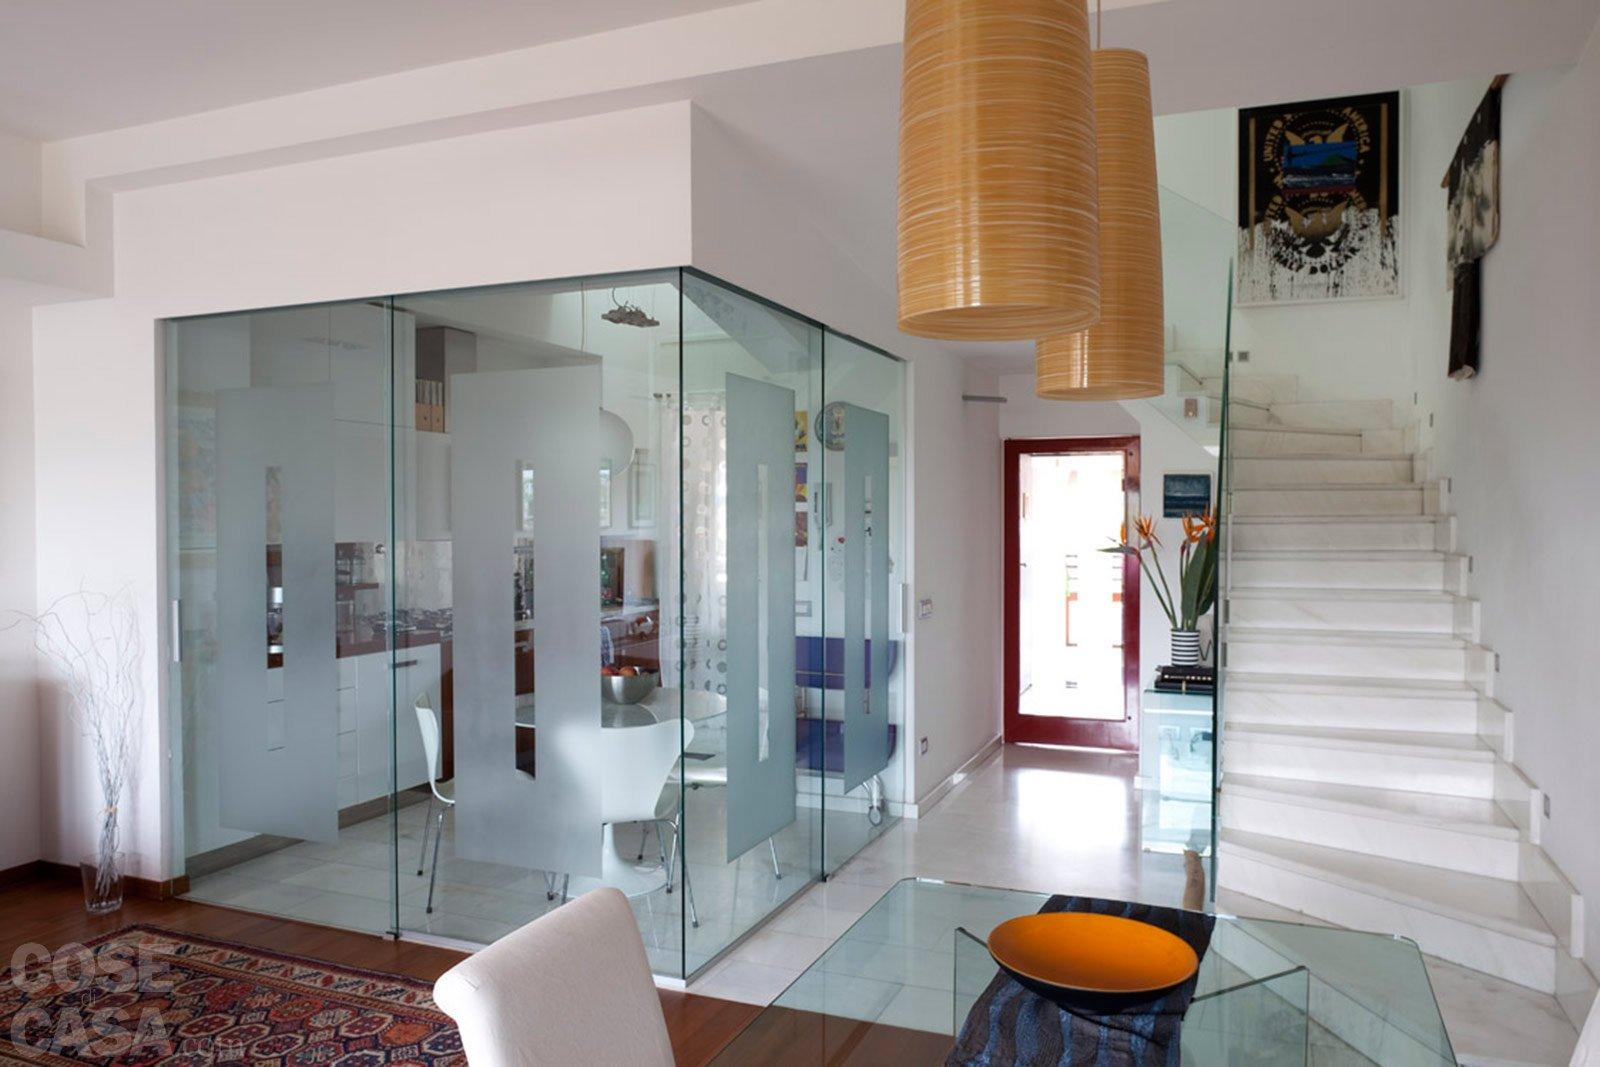 luce sopra mobile : Una casa rinnovata nel look, con luce moltiplicata - Cose di Casa